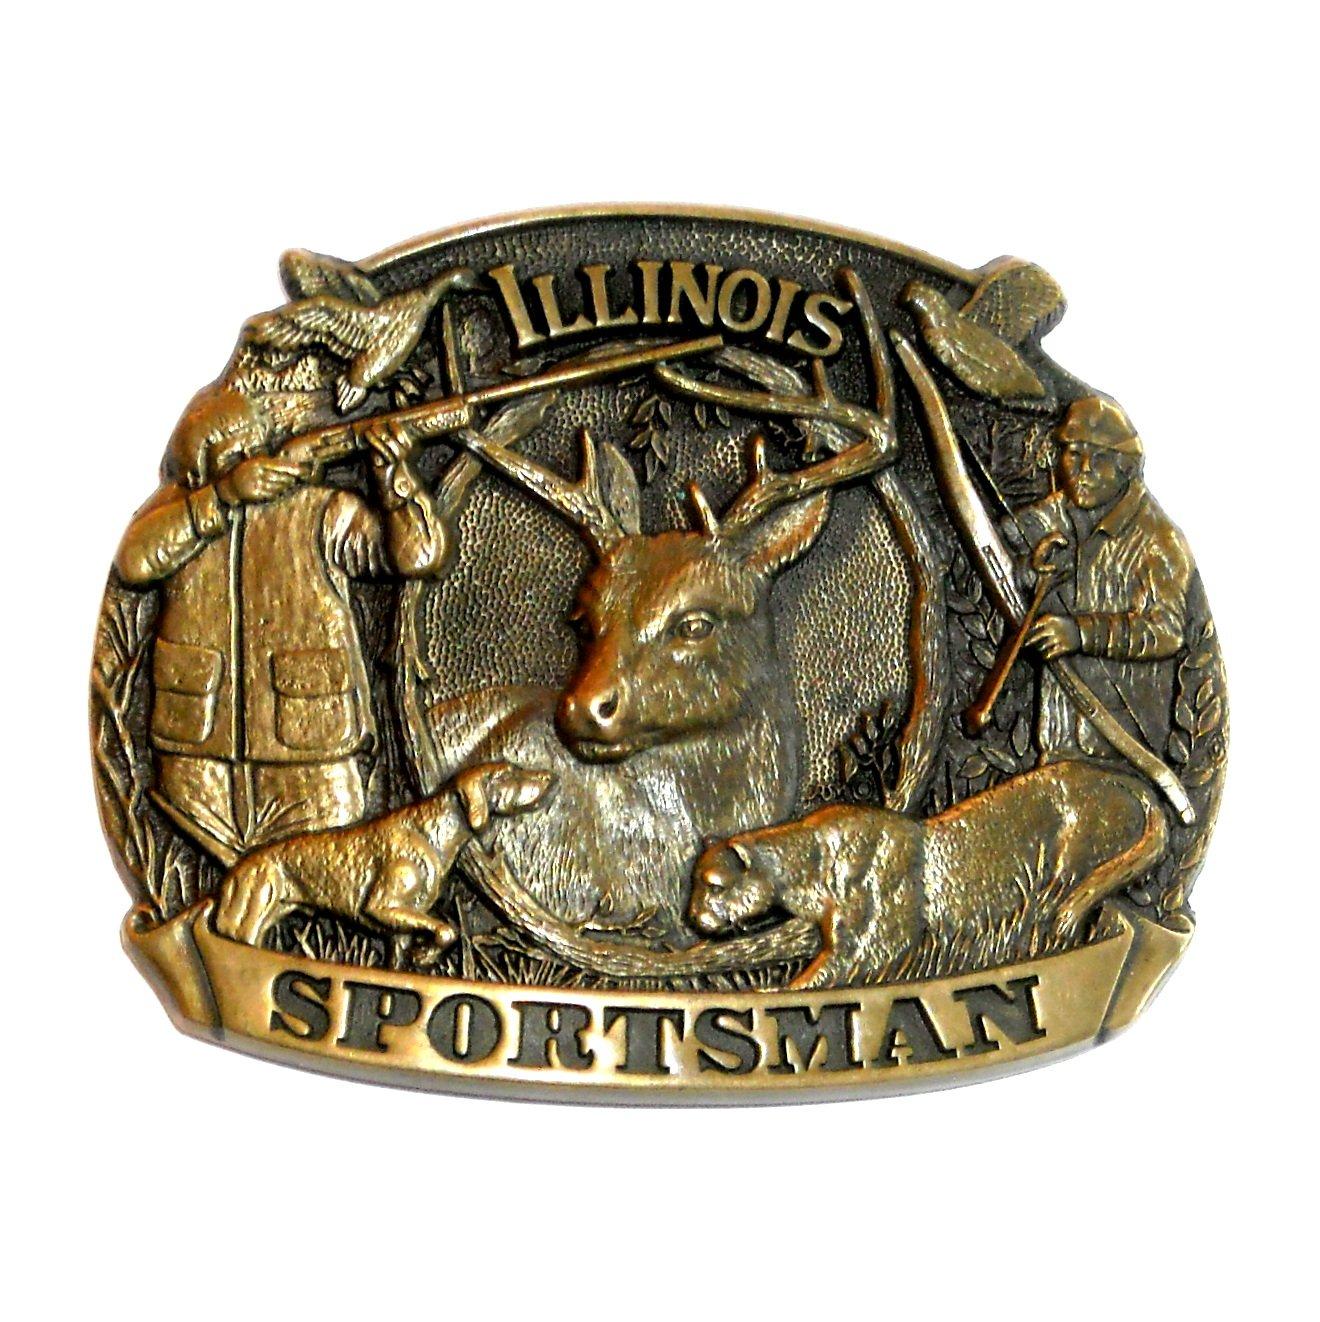 Illinois Sportsman First Edition ADM Brass Belt Buckle